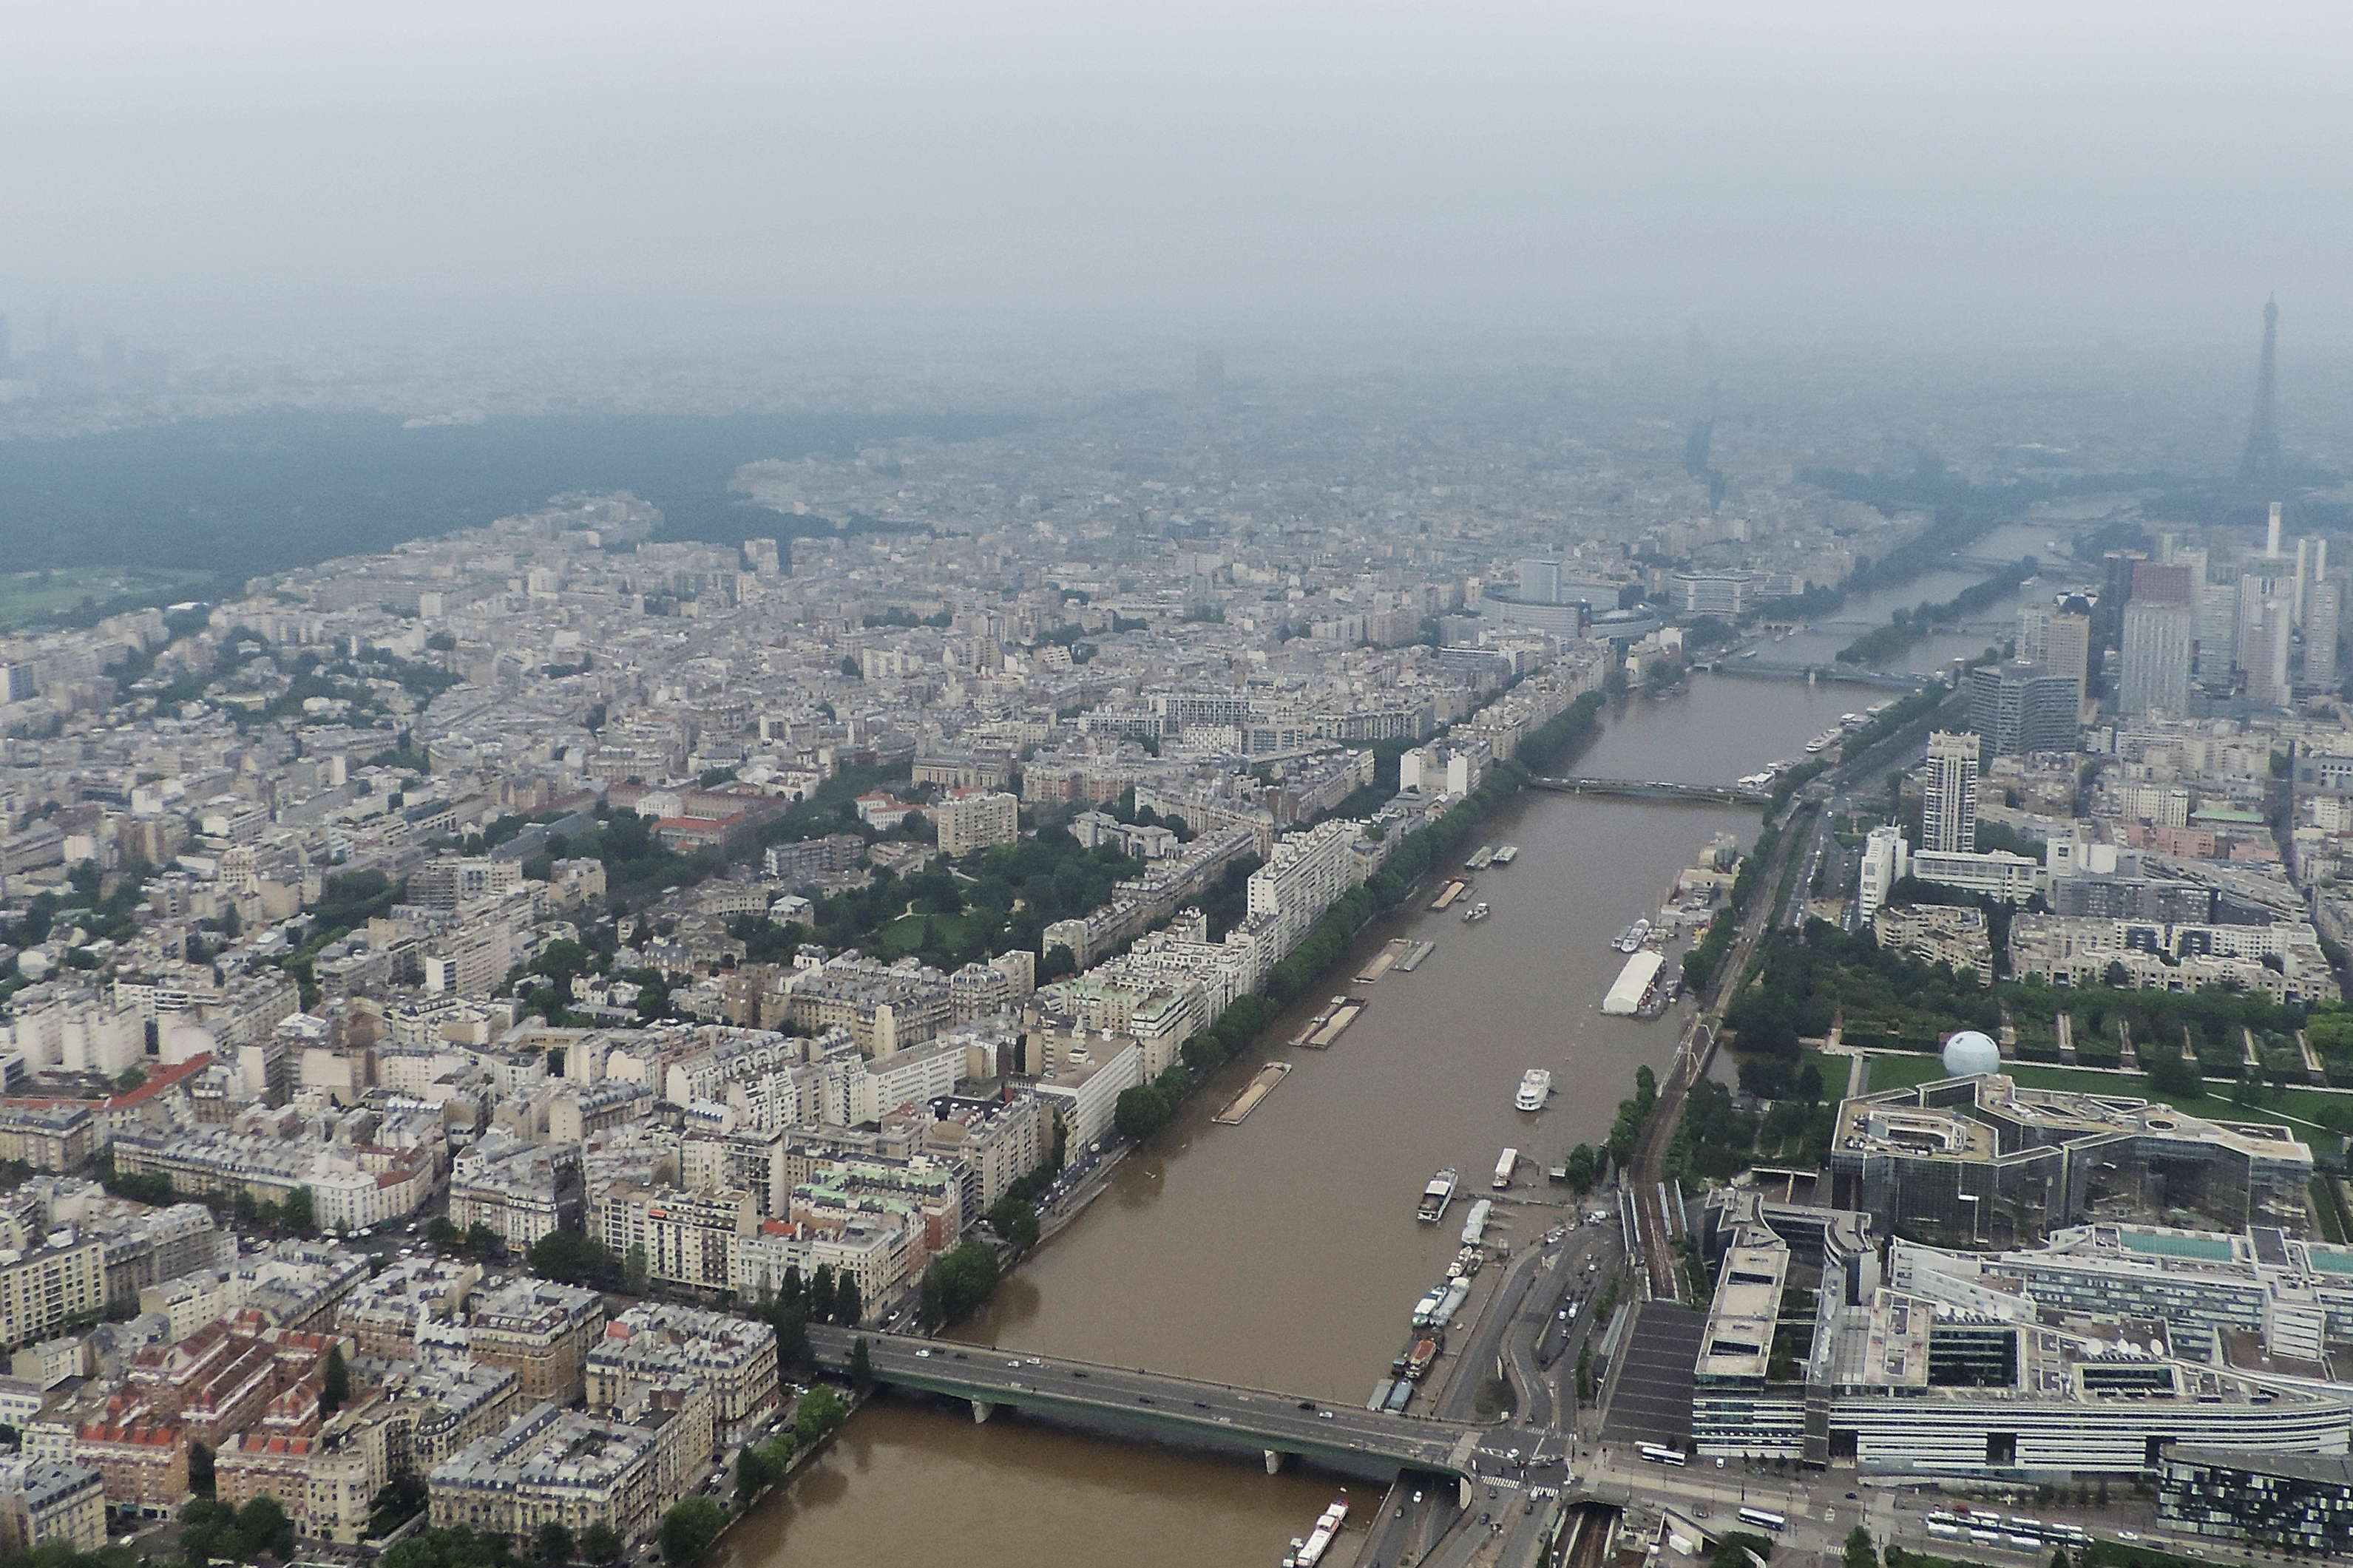 Párizs (a francia Budapest) visszaadja a Szajnát (a párizsi Duna) az embereknek